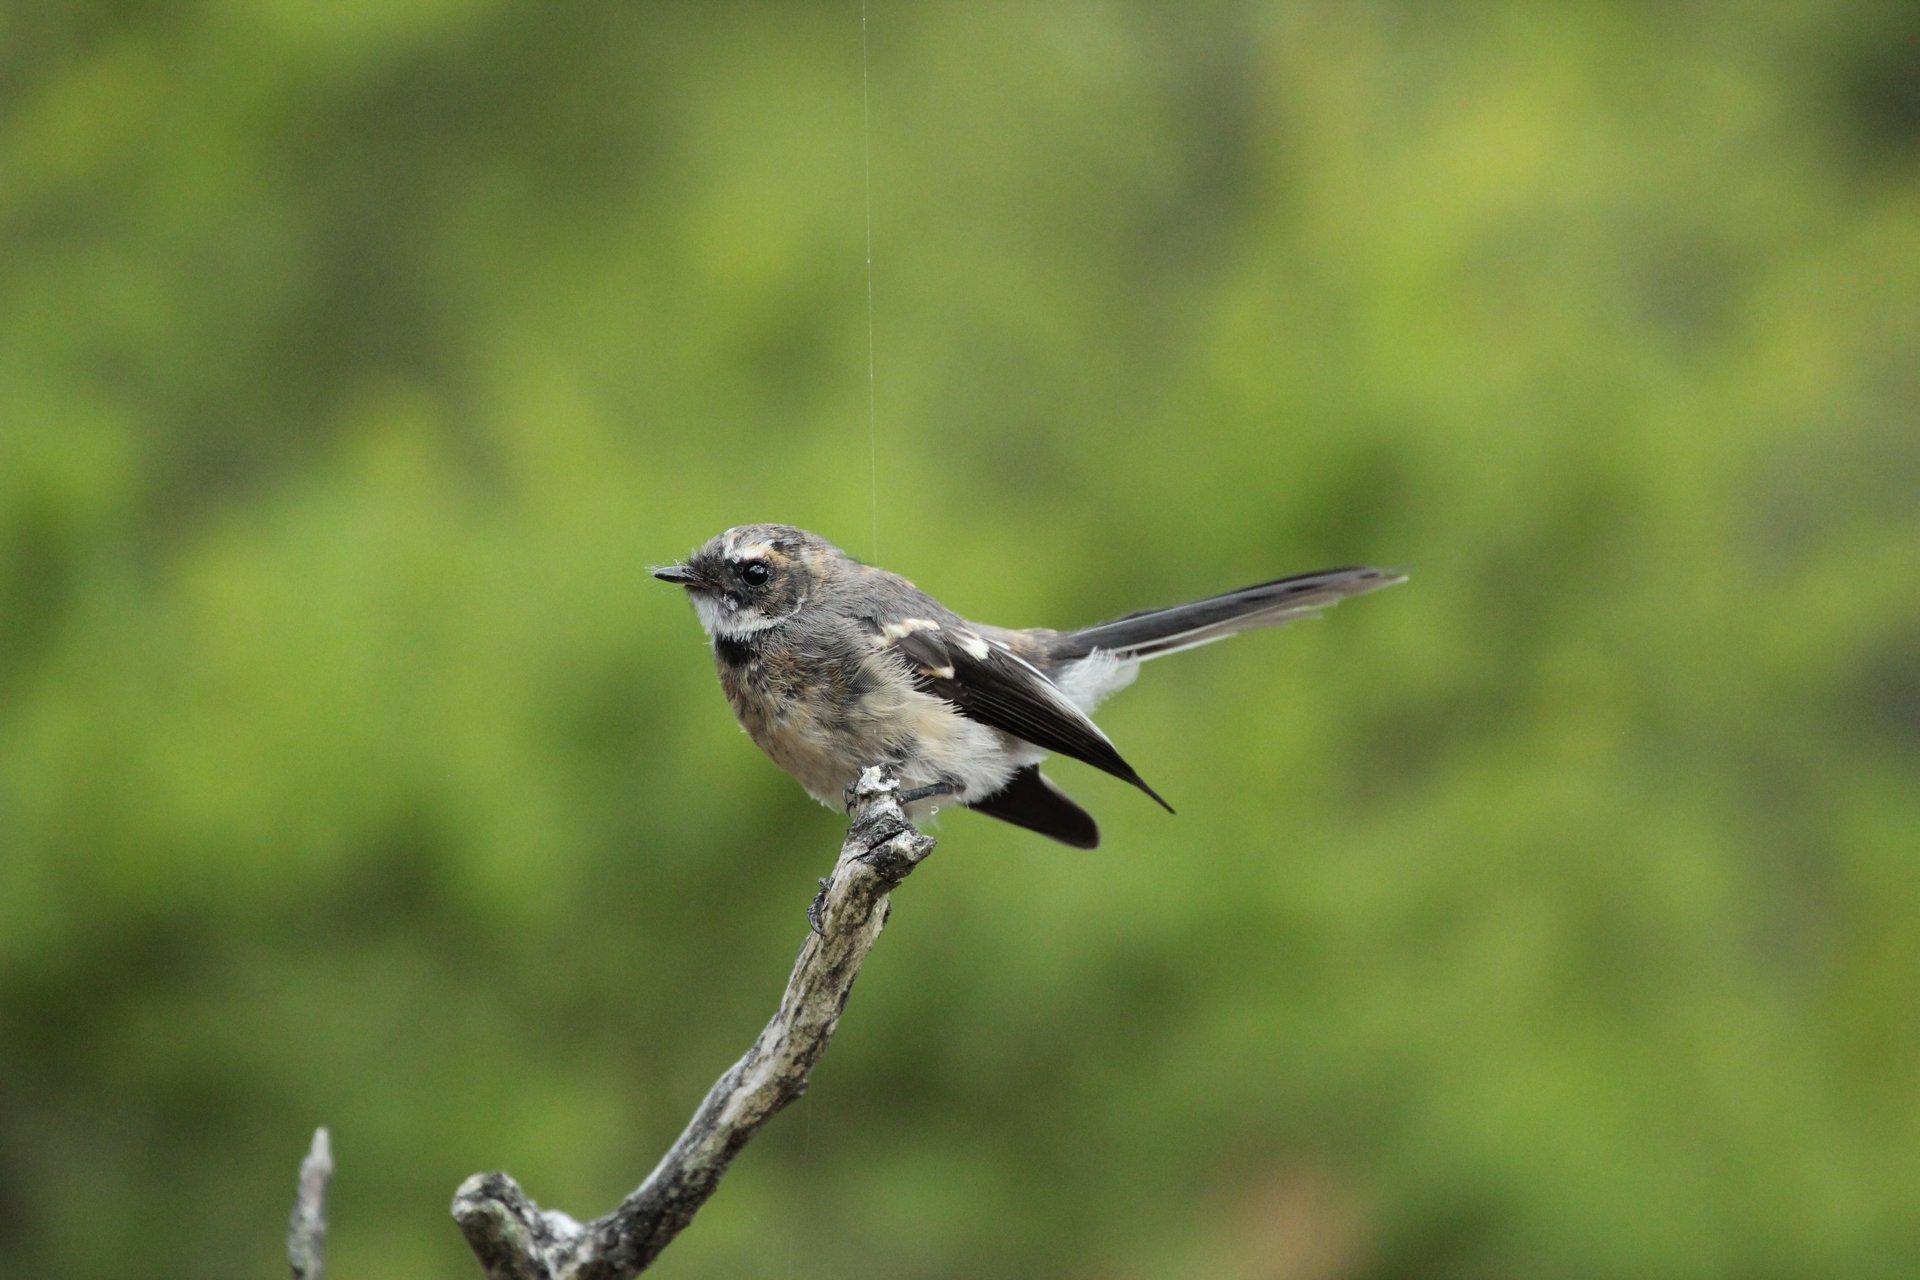 Chasing birdsong